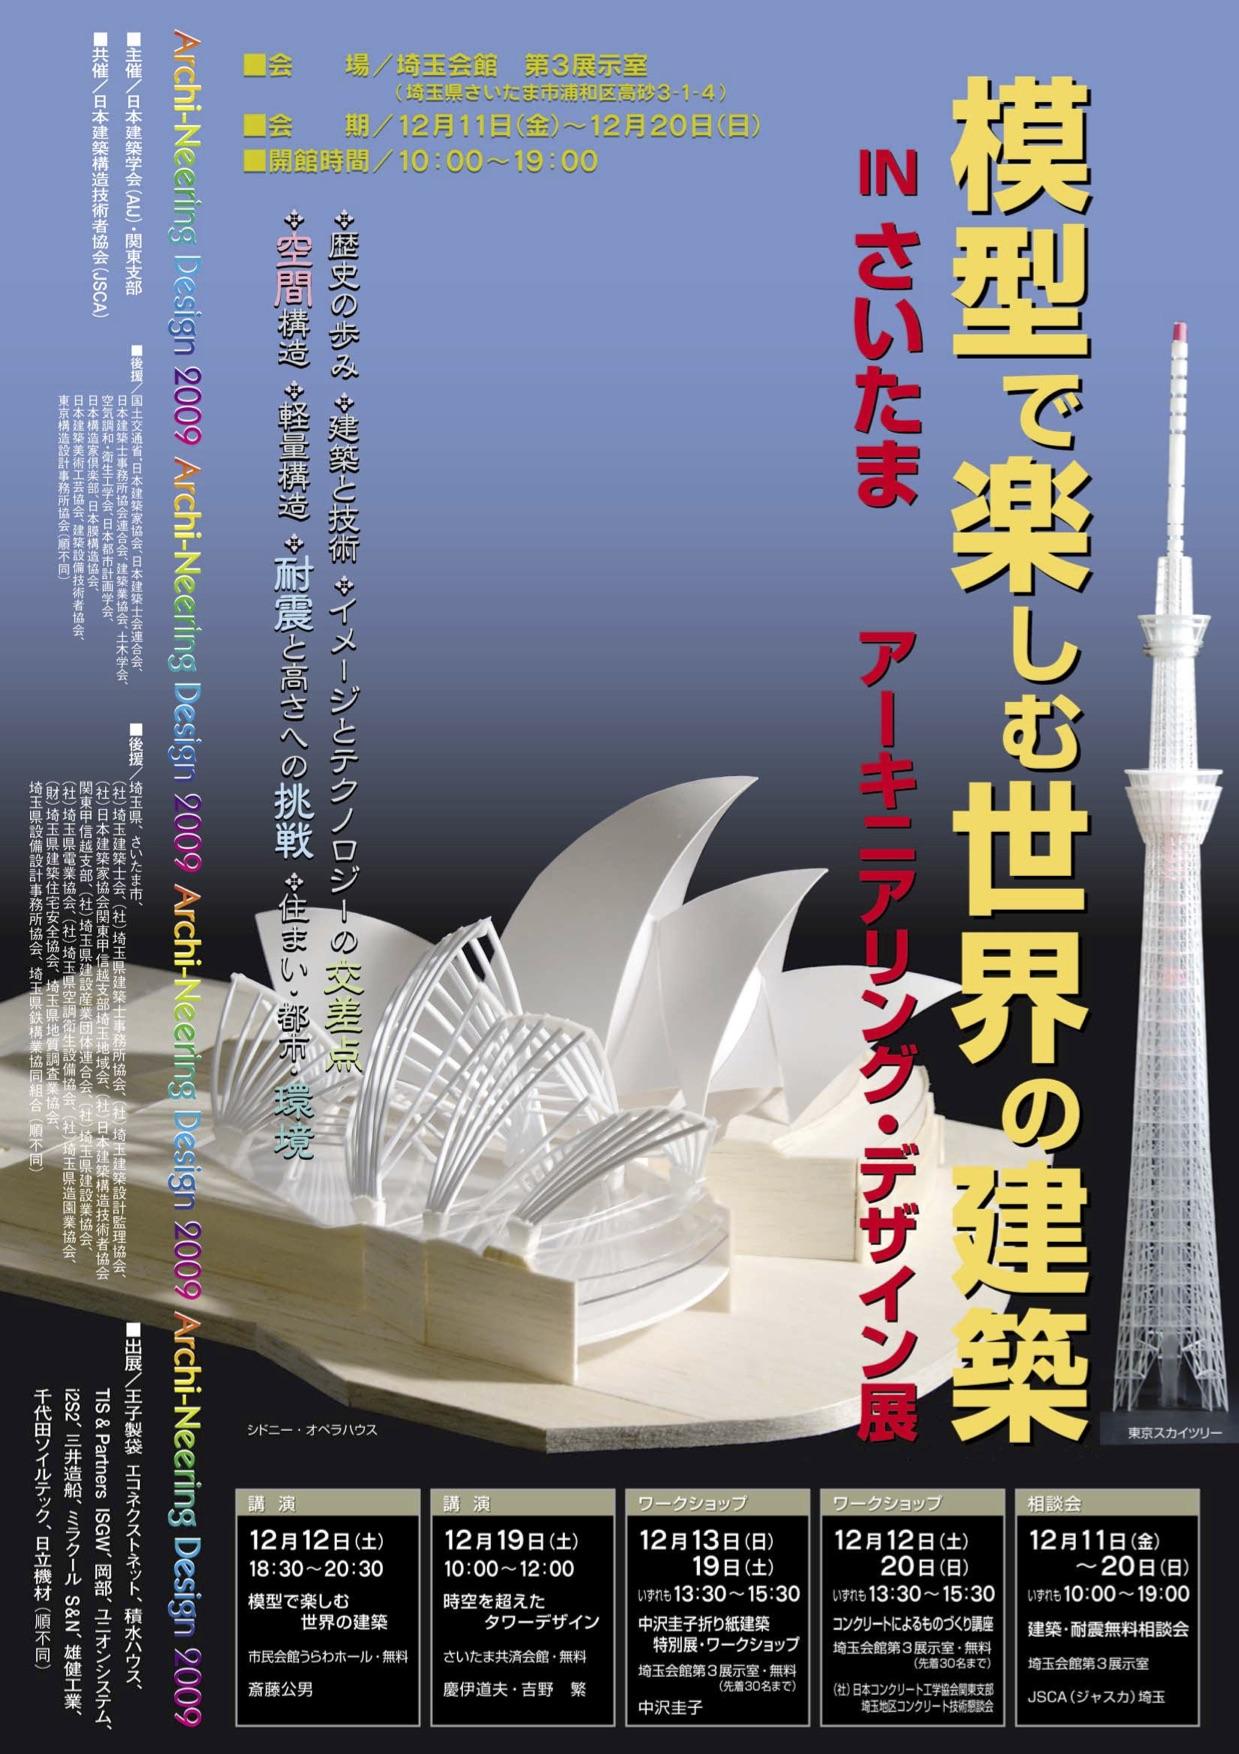 模型で楽しむ世界の建築inさいたま「アーキニアリング・デザイン展」